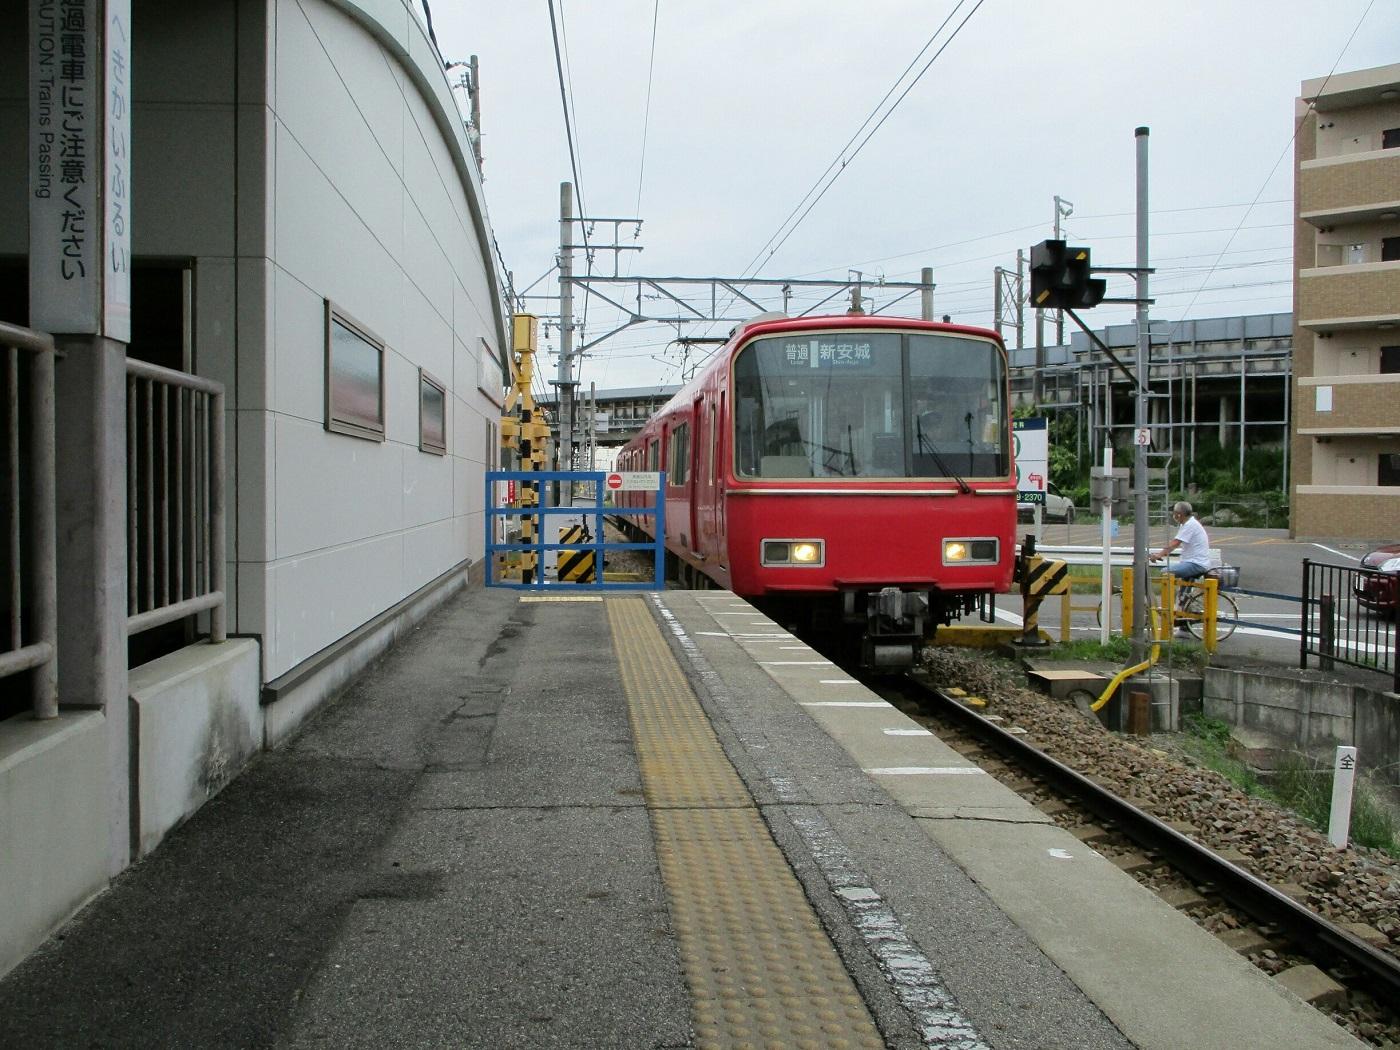 2018.6.11 (1) 古井 - しんあんじょういきふつう 1400-1050